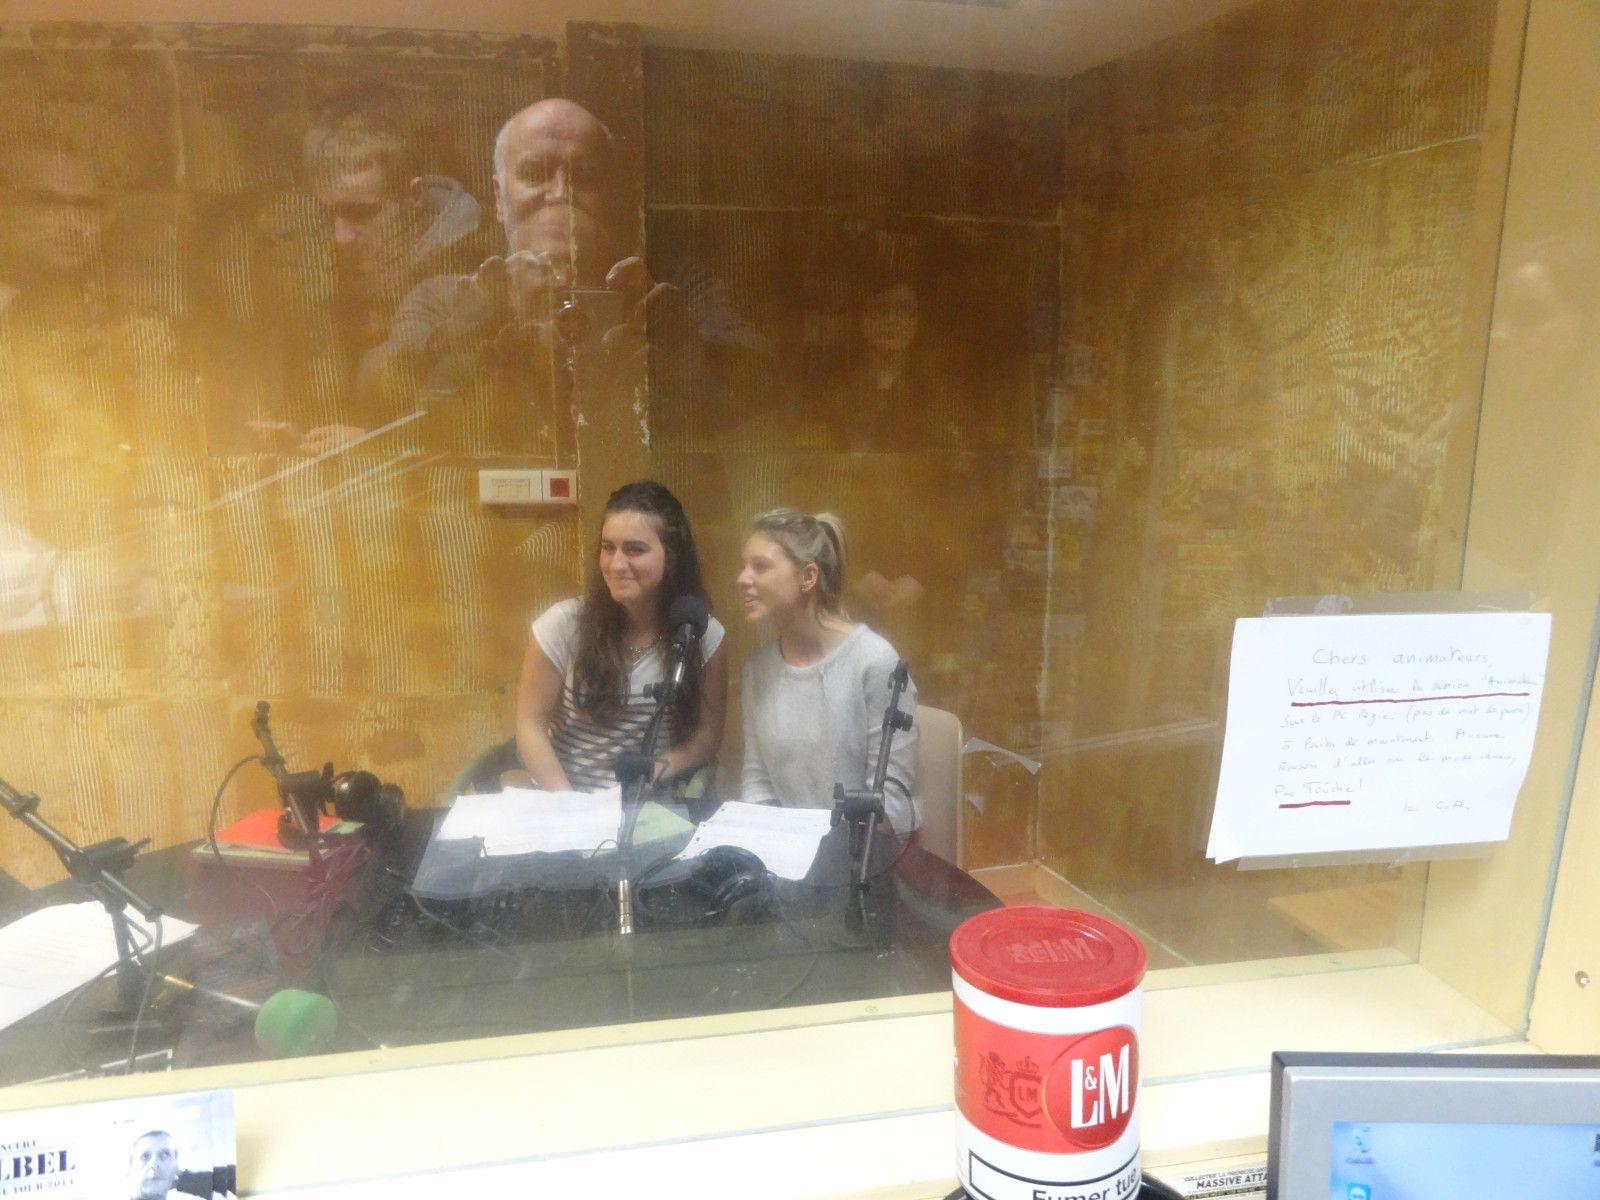 Samedi 1er mars 2014,  de 14 h à 15 heures 30, sur Fréquence Mutine, les lycéens d'i-voix ont conçu et animé en direct une émission entièrement consacrée à leur projet...